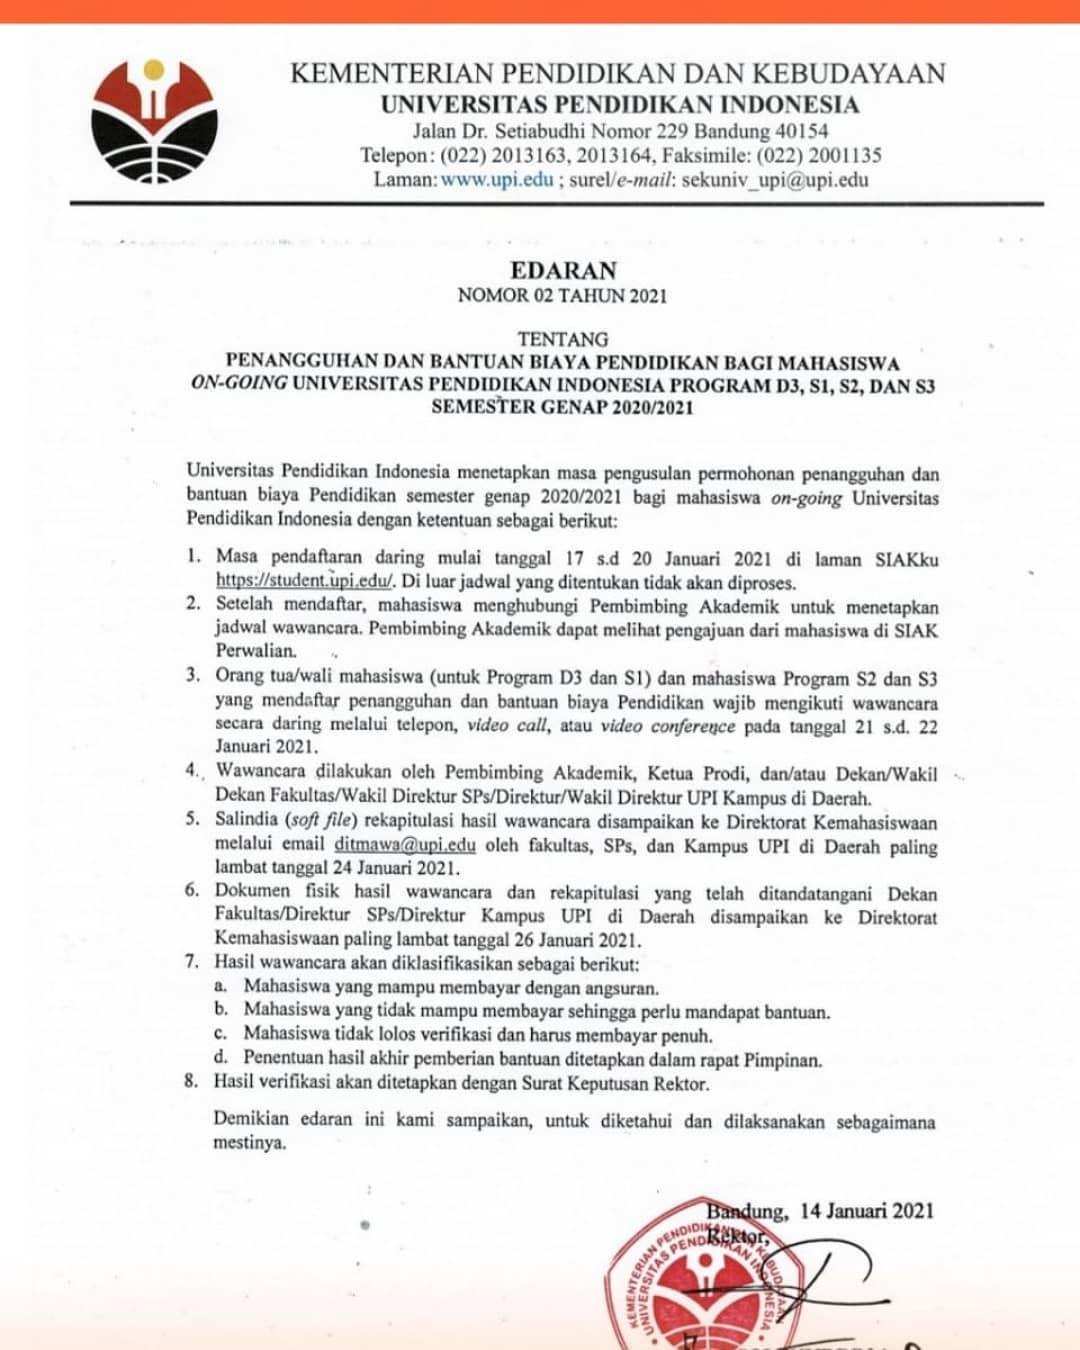 PENANGGUHAN DAN BANTUAN BIAYA PENDIDIKAN BAGI MAHASISWA ON-GOING UPI